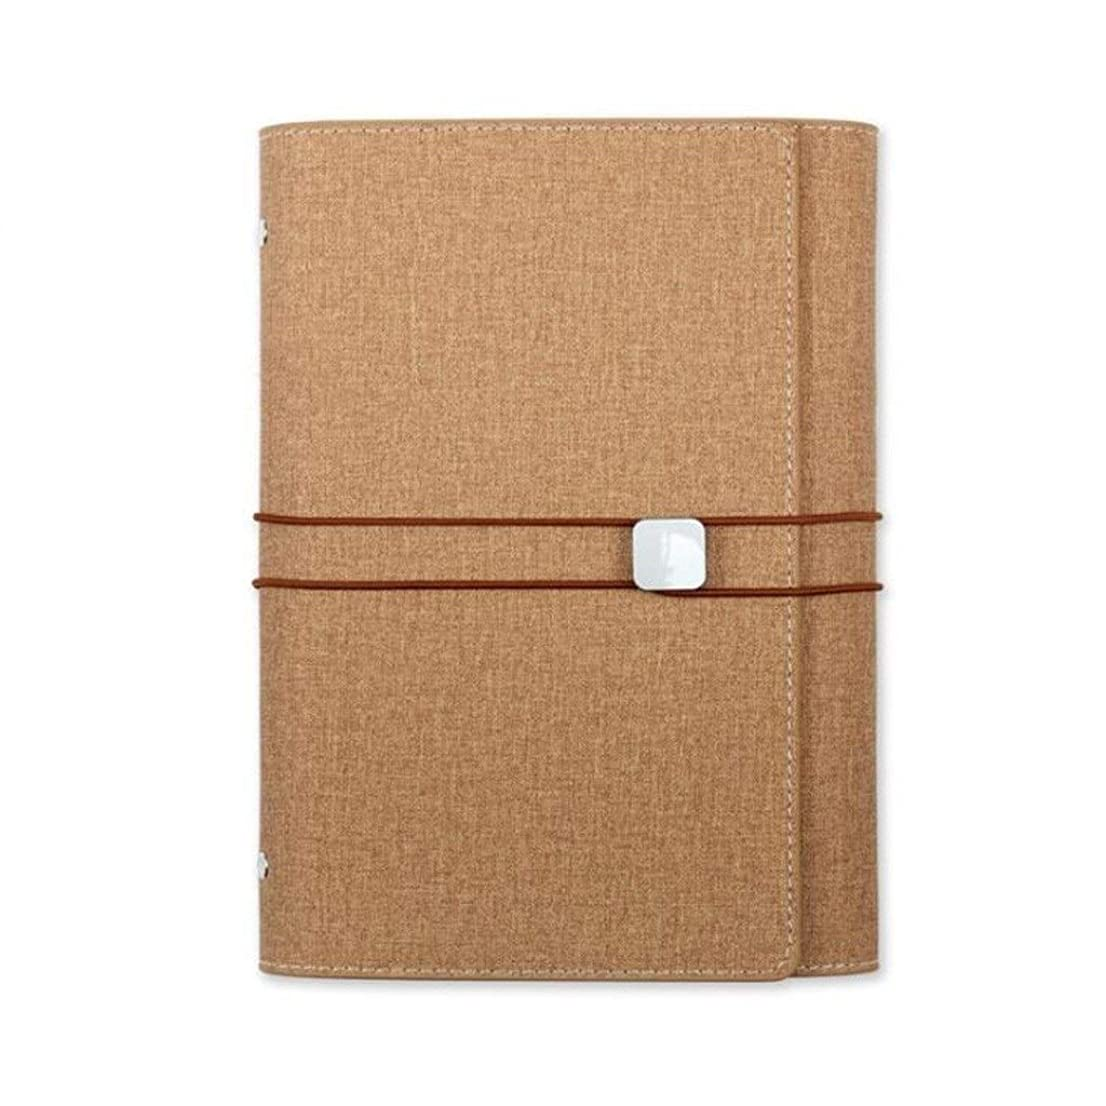 学生手帳、トラベルアカウント日記オーガナイザー - バウンドジャーナルノートA5手のアカウント、ルーズリーフ (Color : 2)